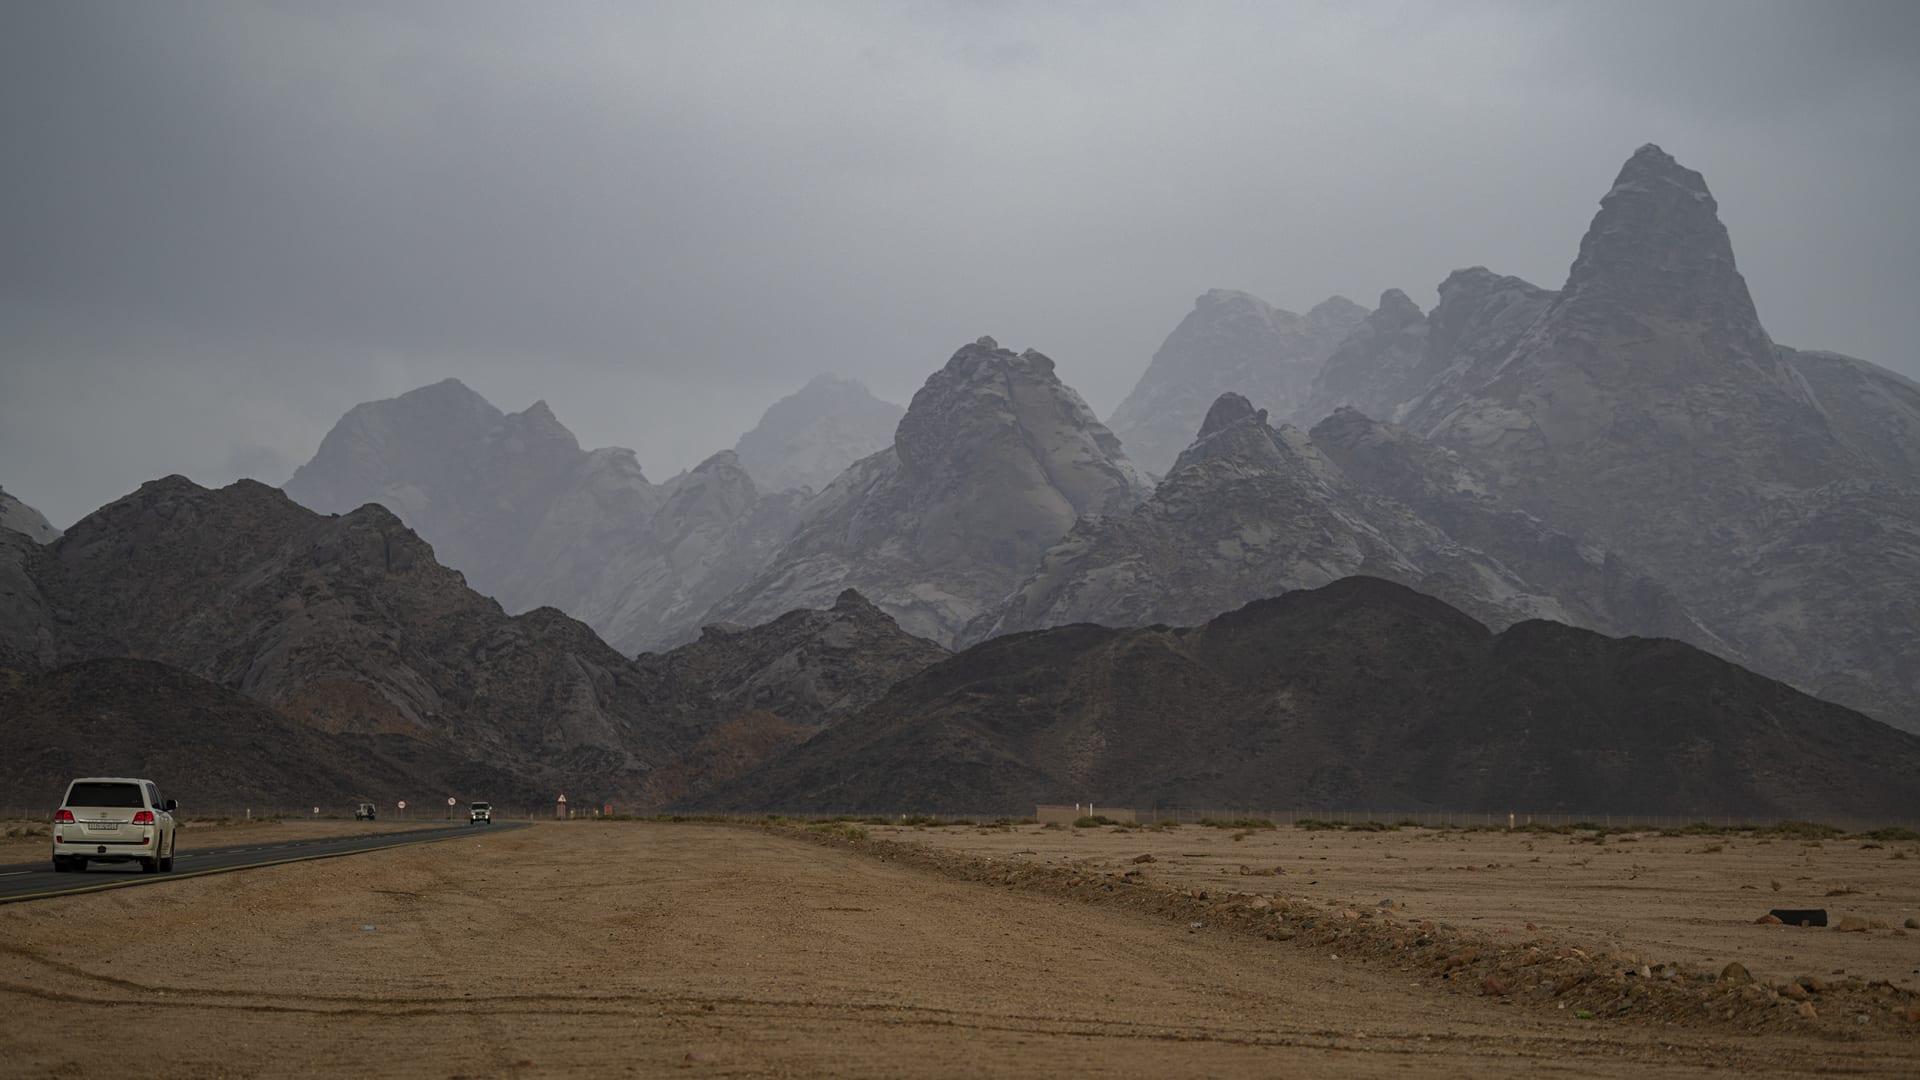 الطائف.. مدينة الورود السعودية تُزهر لإنتاج الزيت العطري للكعبة